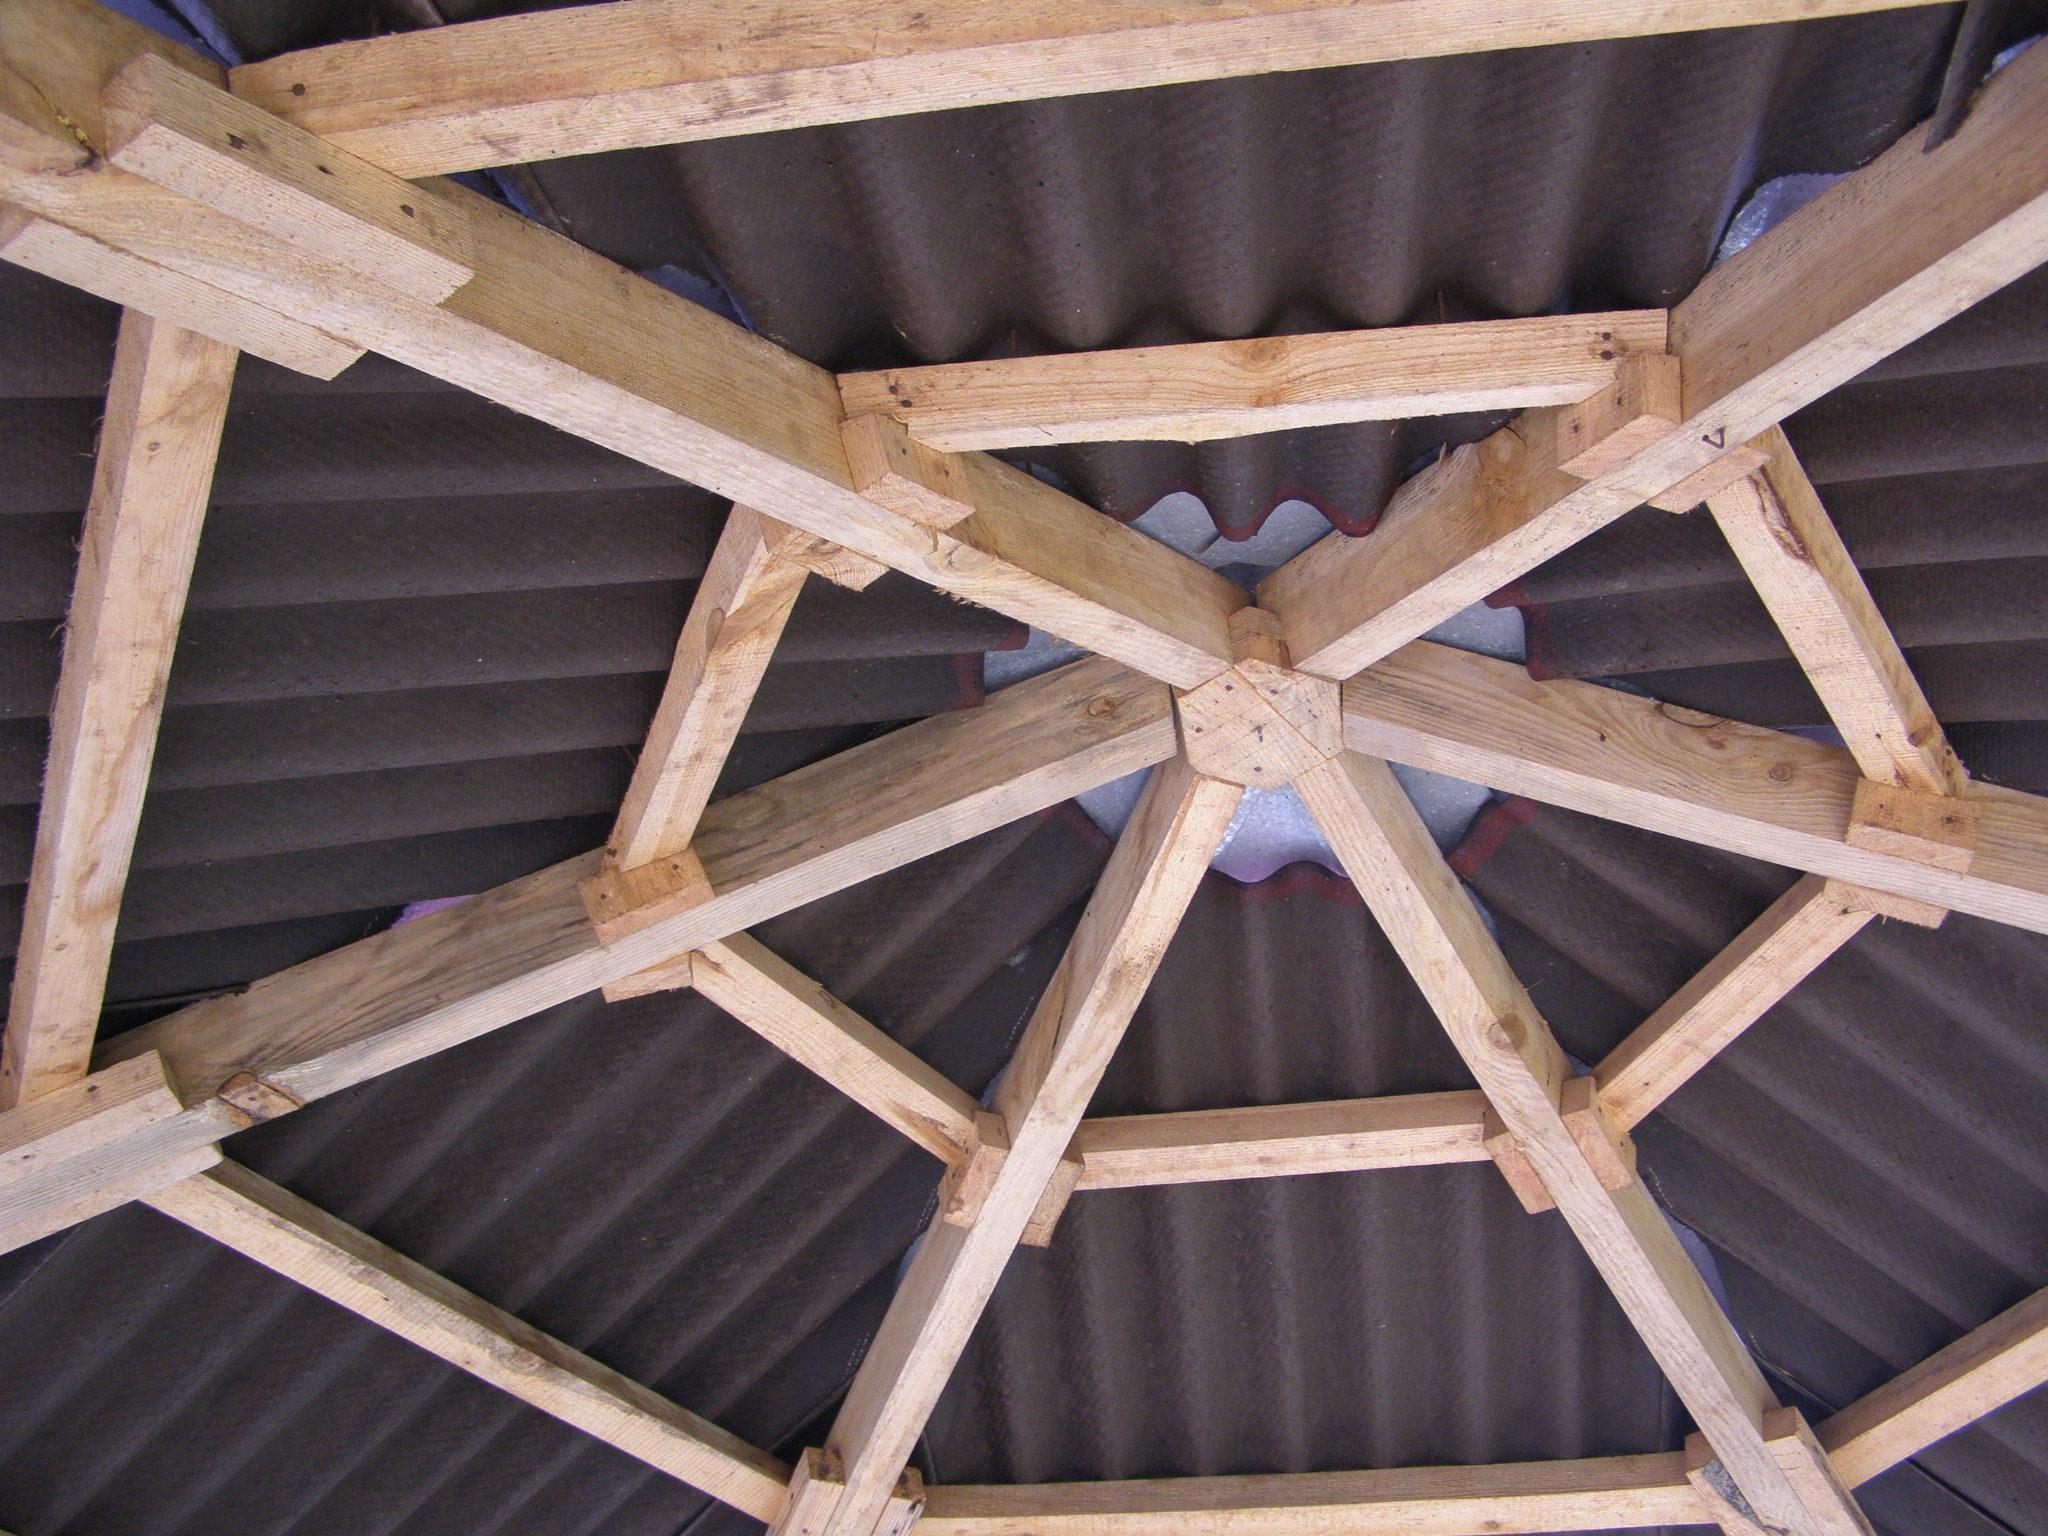 Как сделать крышу дома своими руками из профнастила